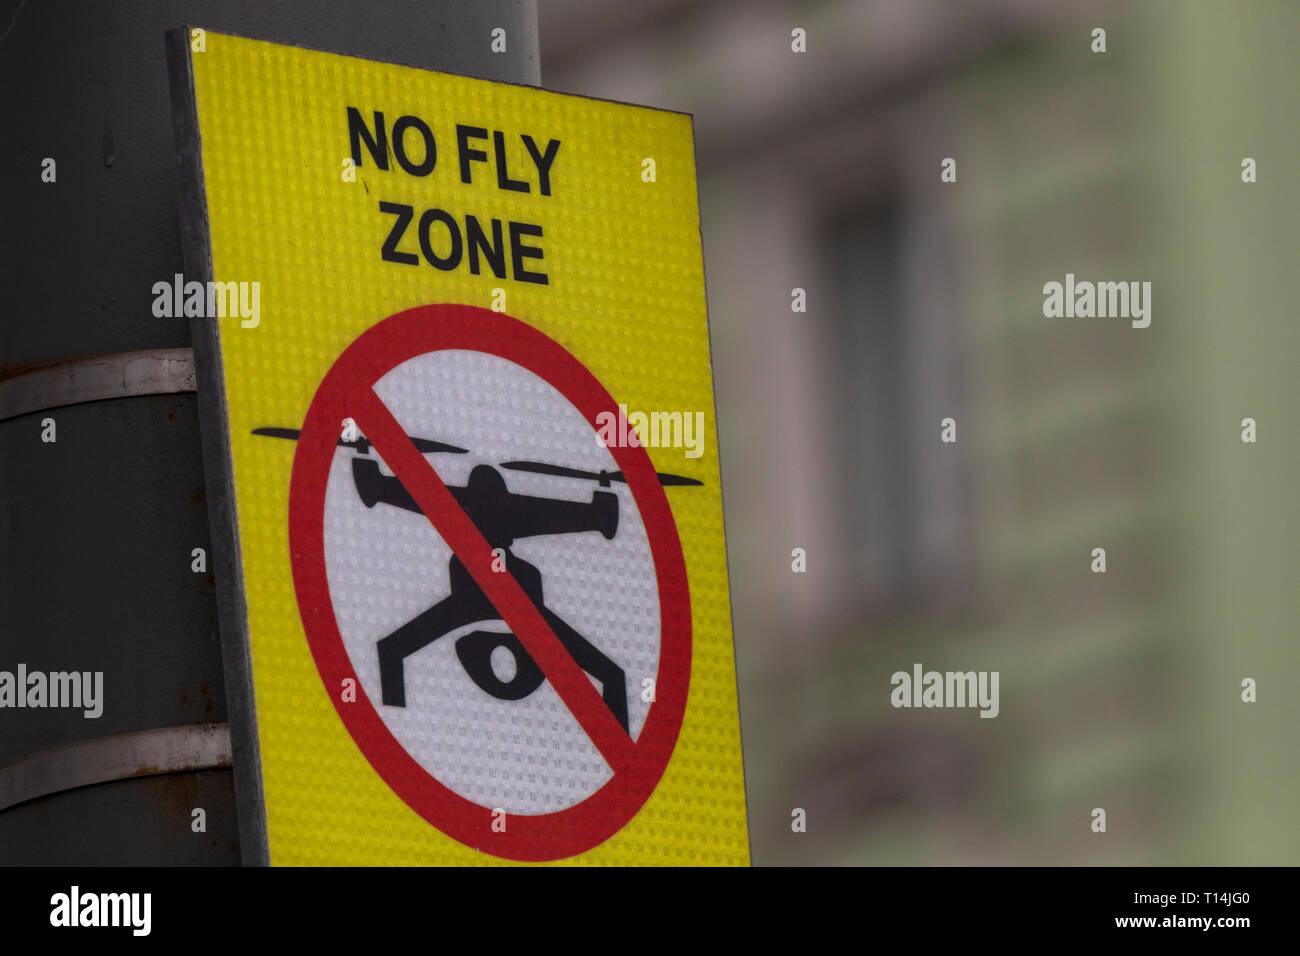 """Le panneau """"no fly zone"""" interdisant les vols d'avions légers est installé dans un centre d'une ville Banque D'Images"""